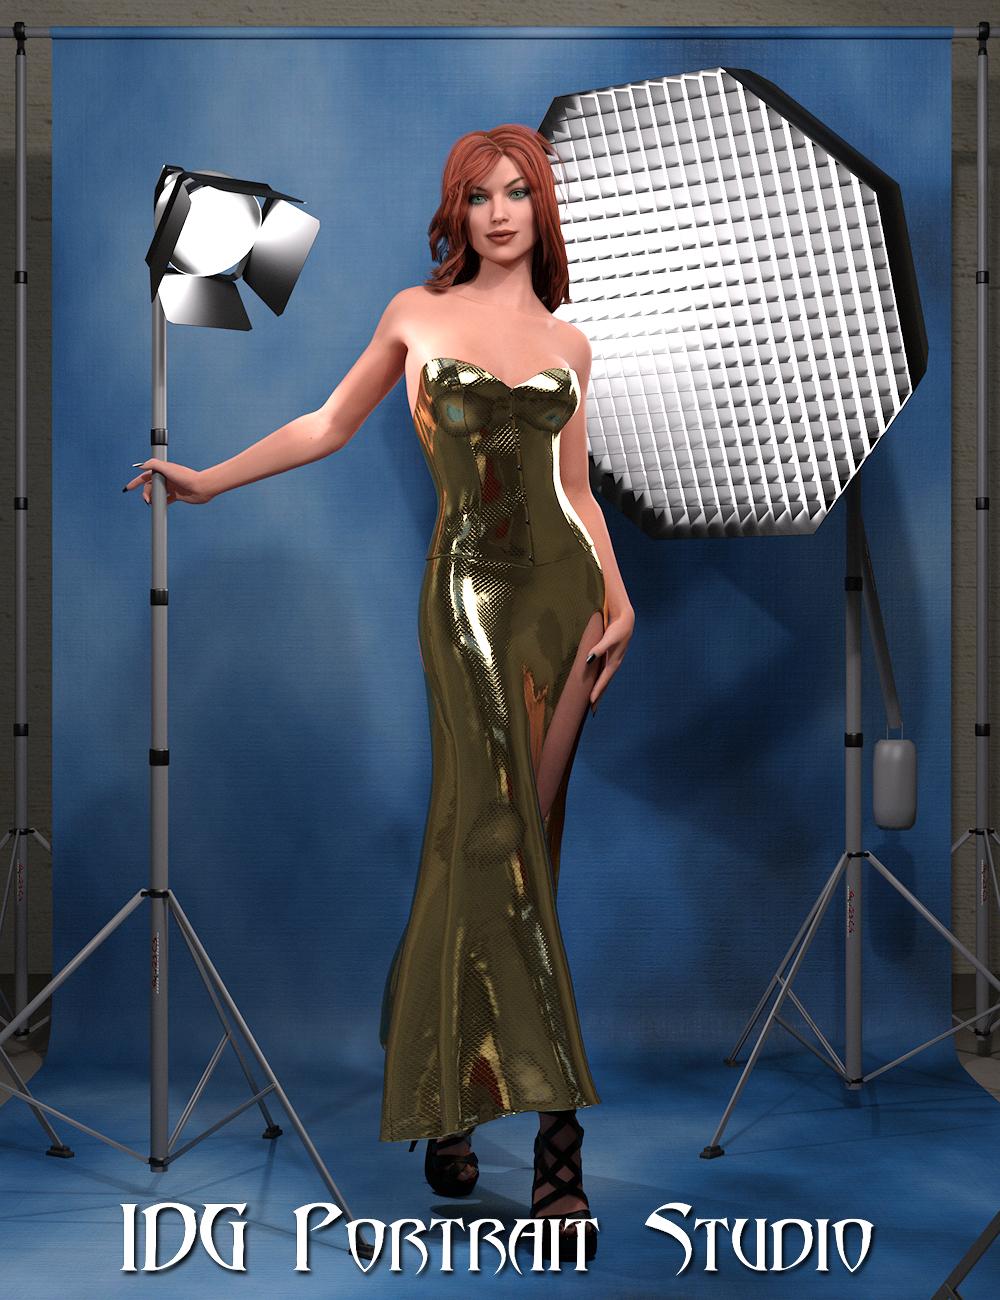 IDG Portrait Studio by: IDG DesignsDestinysGardenInaneGlory, 3D Models by Daz 3D